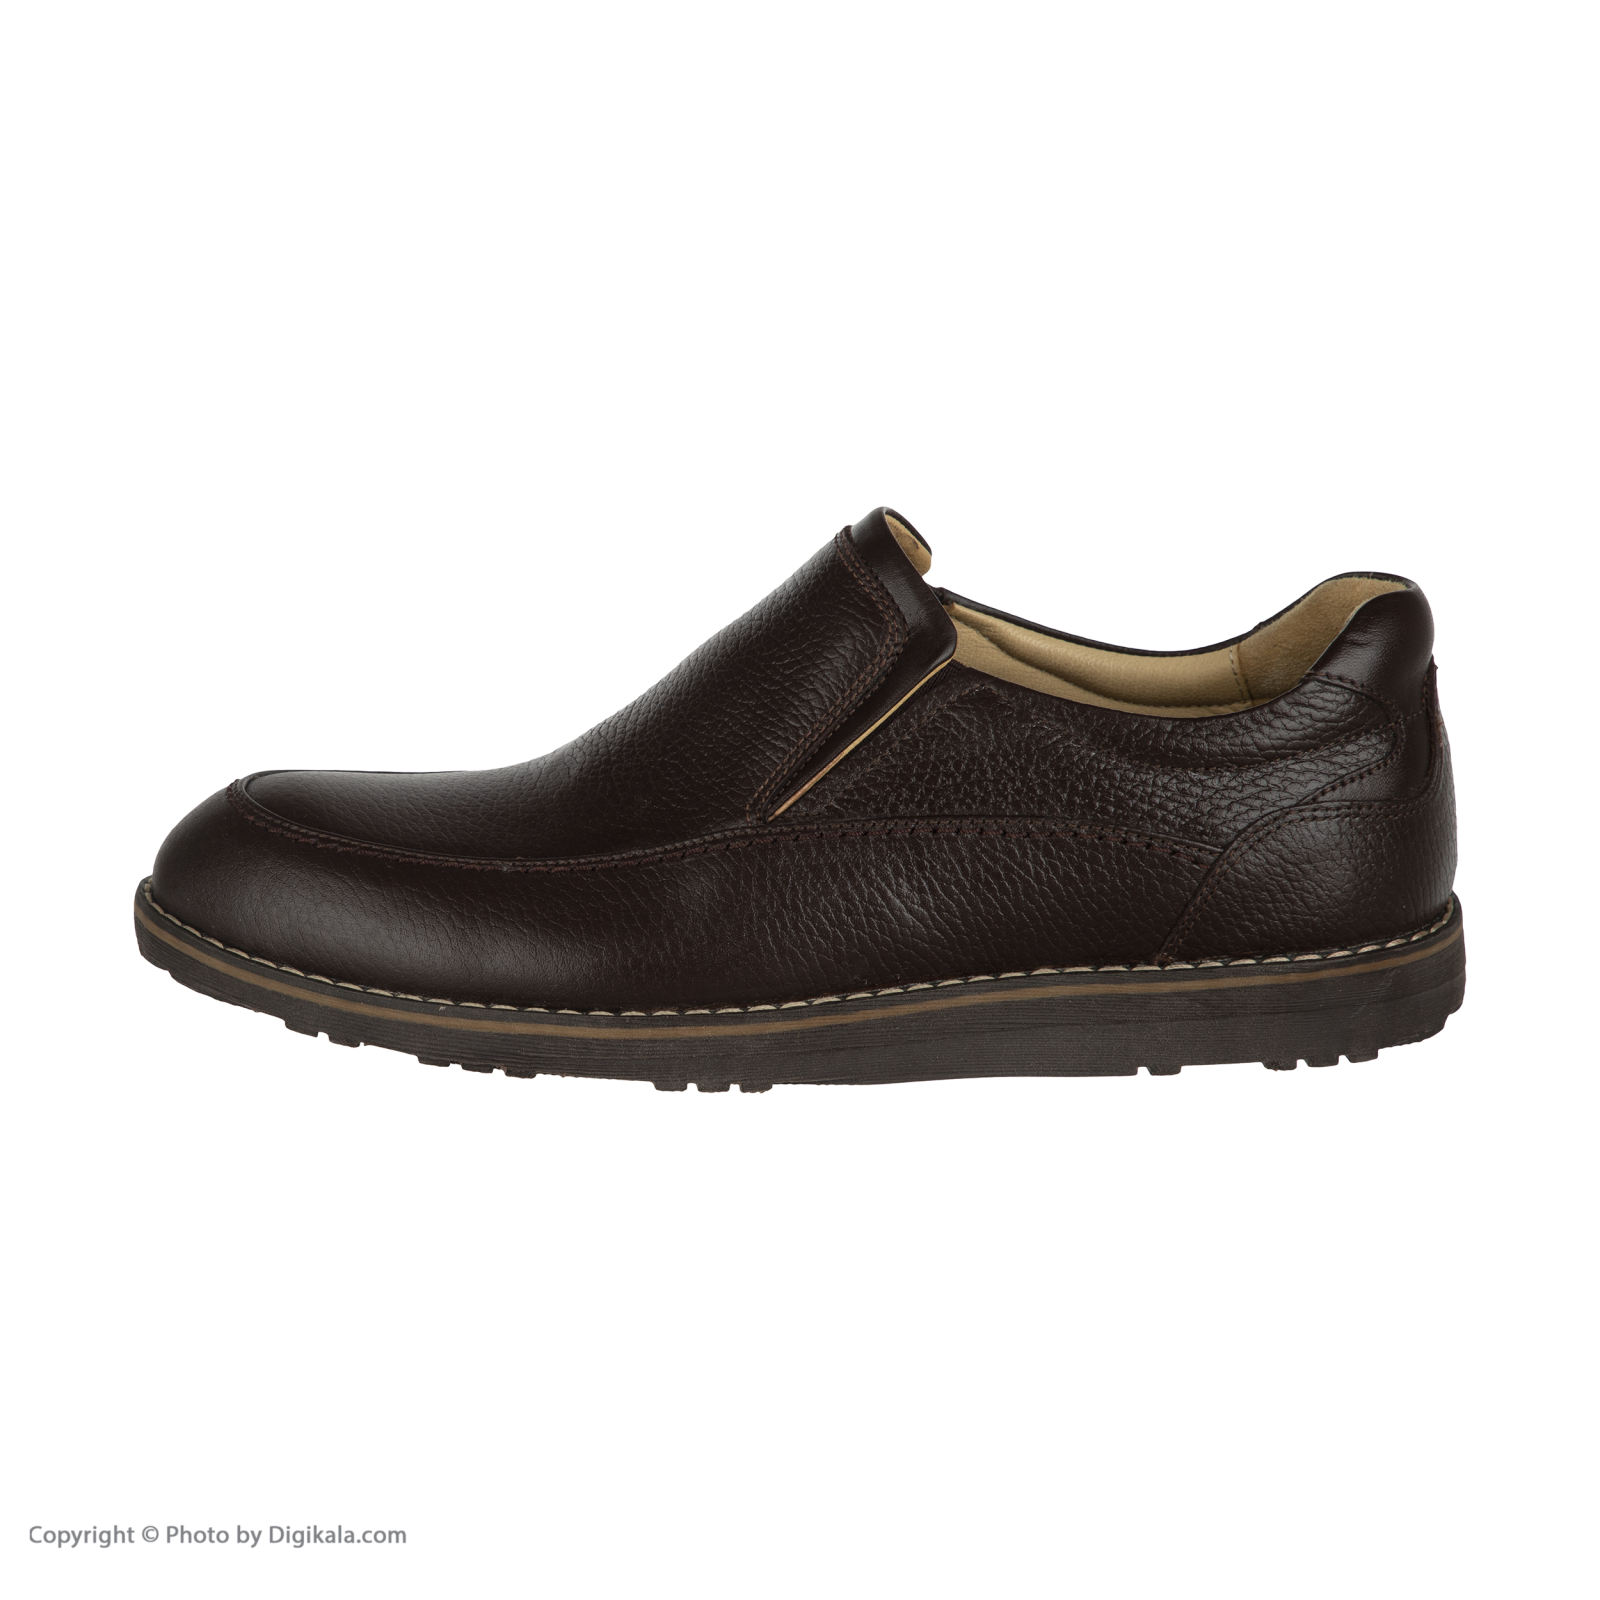 کفش روزمره مردانه سوته مدل 4824G503104 -  - 3